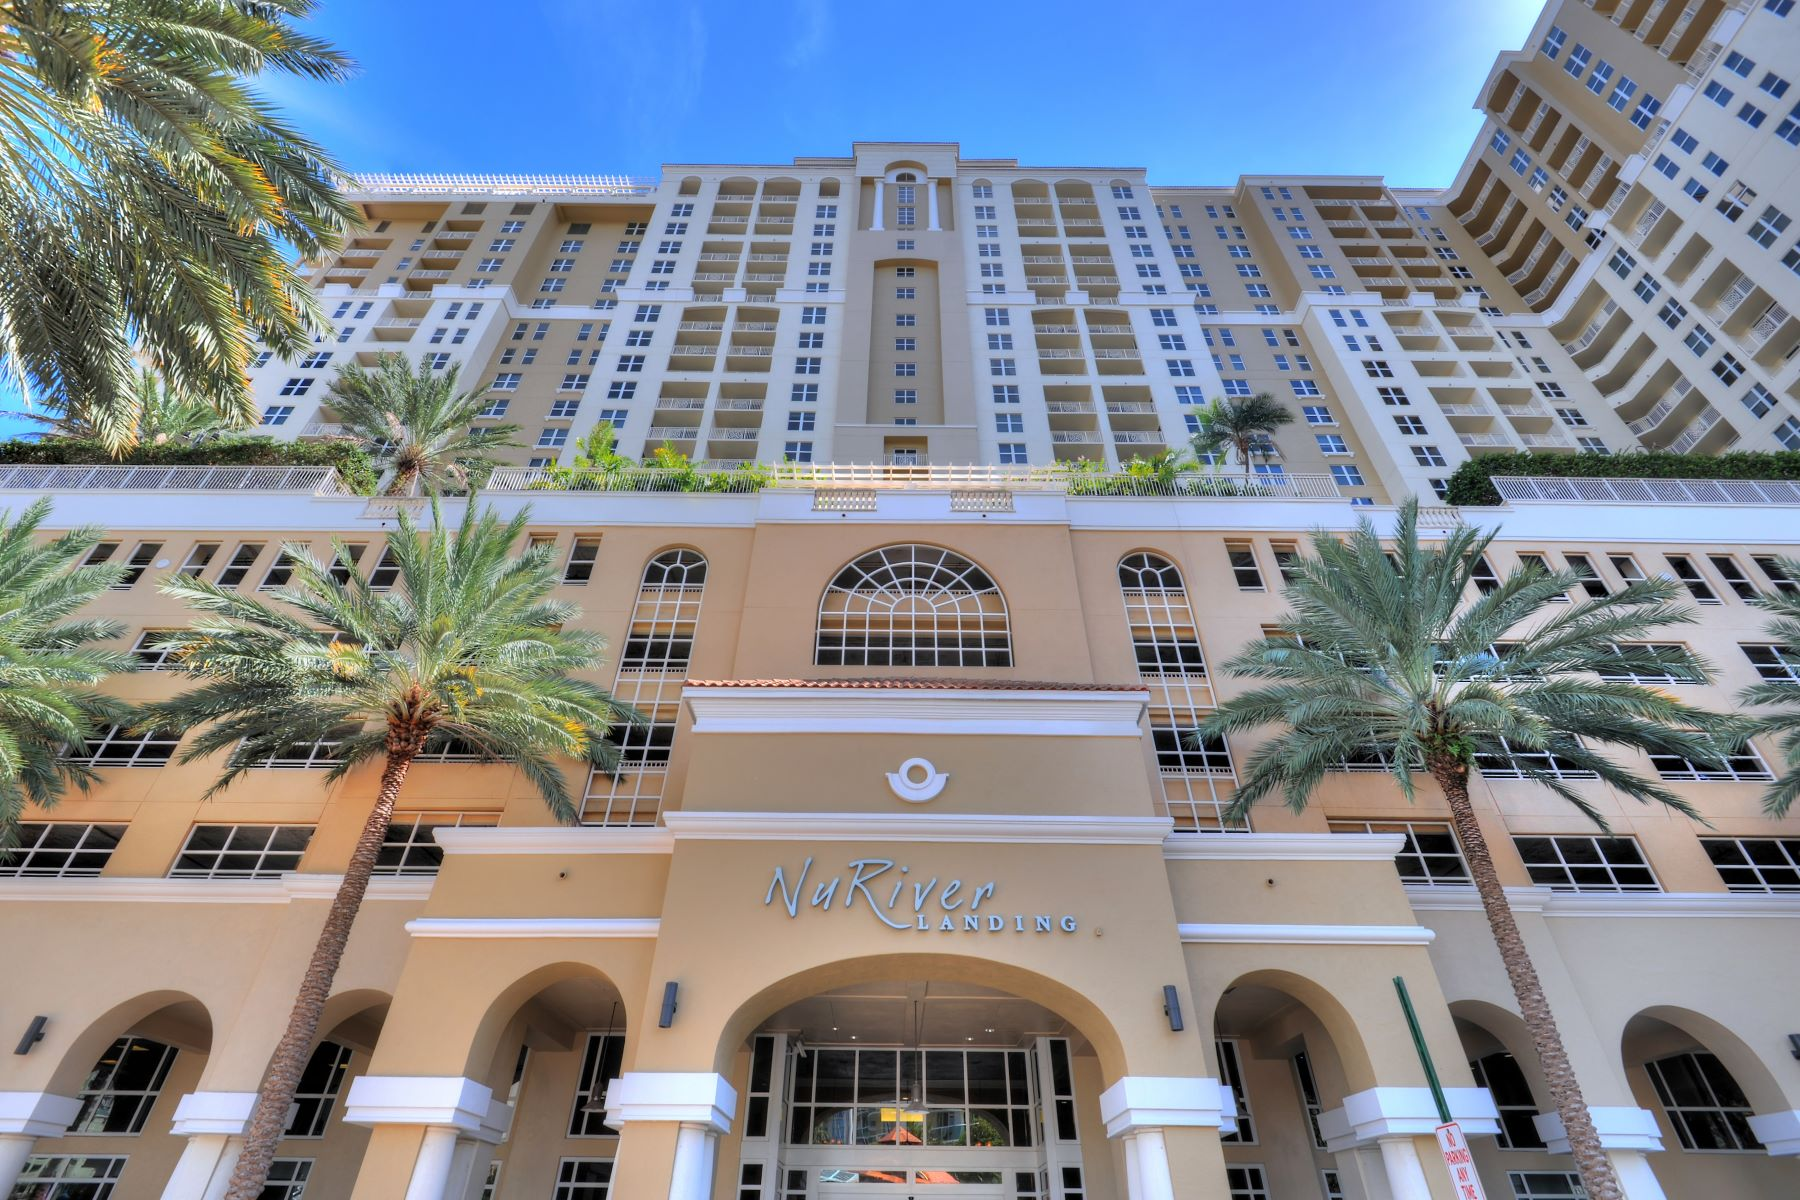 獨棟家庭住宅 為 出售 在 511 Se 5th Ave #2006 511 Se 5th Ave 2006, Fort Lauderdale, 佛羅里達州, 33301 美國